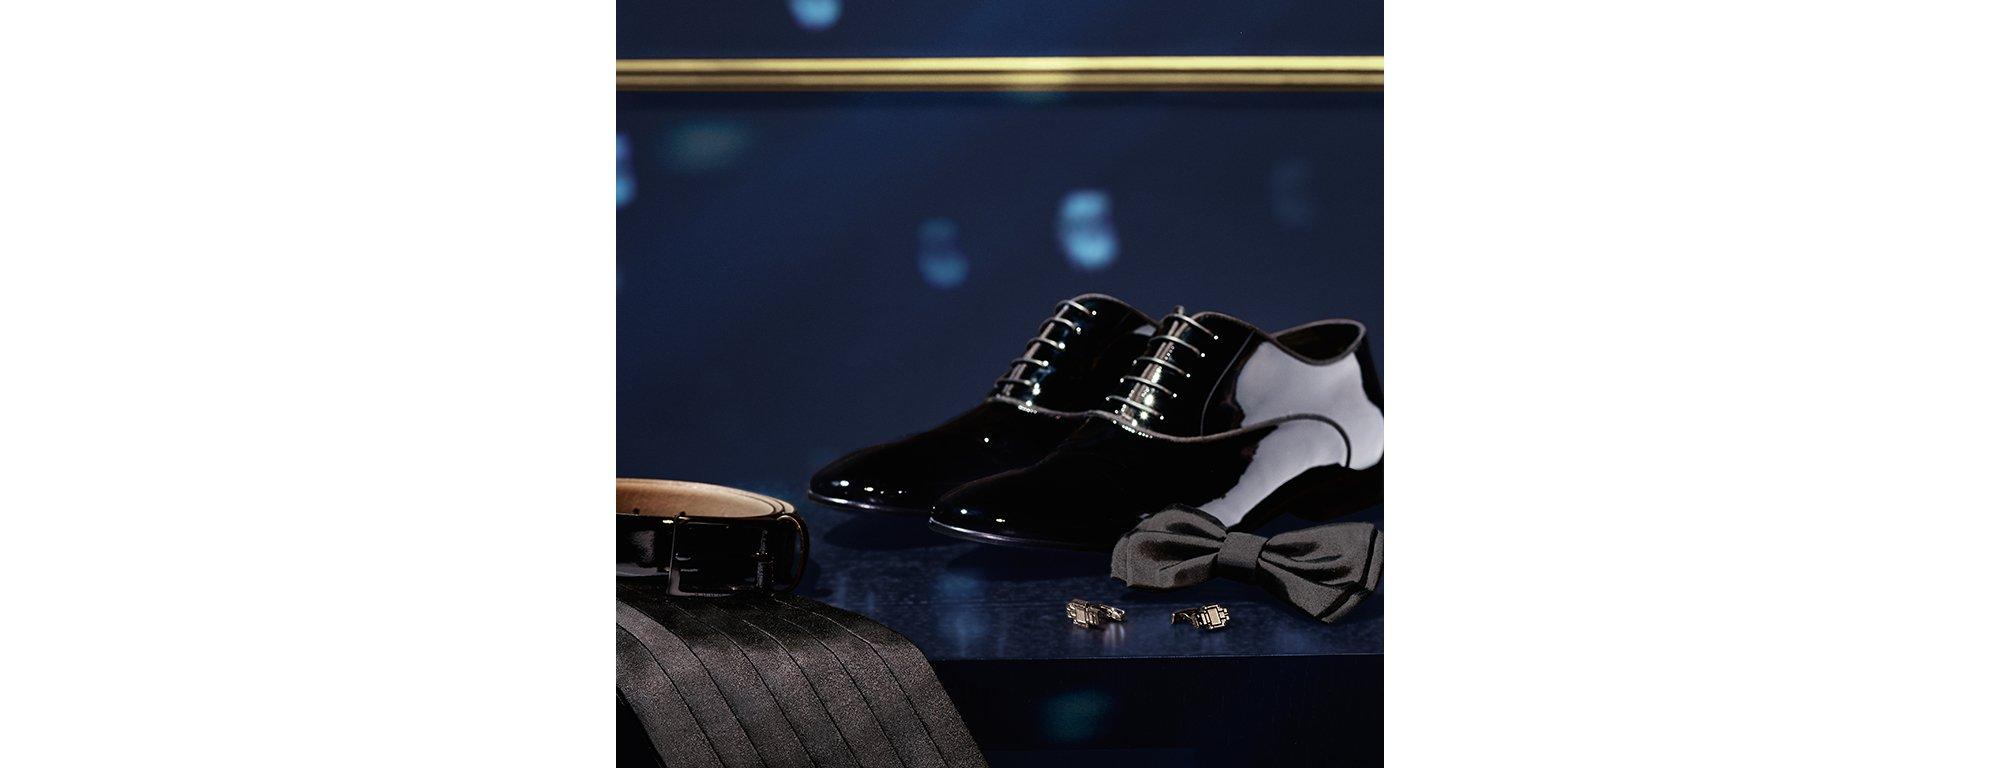 Zwarte cummerband, leren ceintuur, vlinderdasje, BOSSbot-manchetknopen en feestelijke schoenen van BOSS